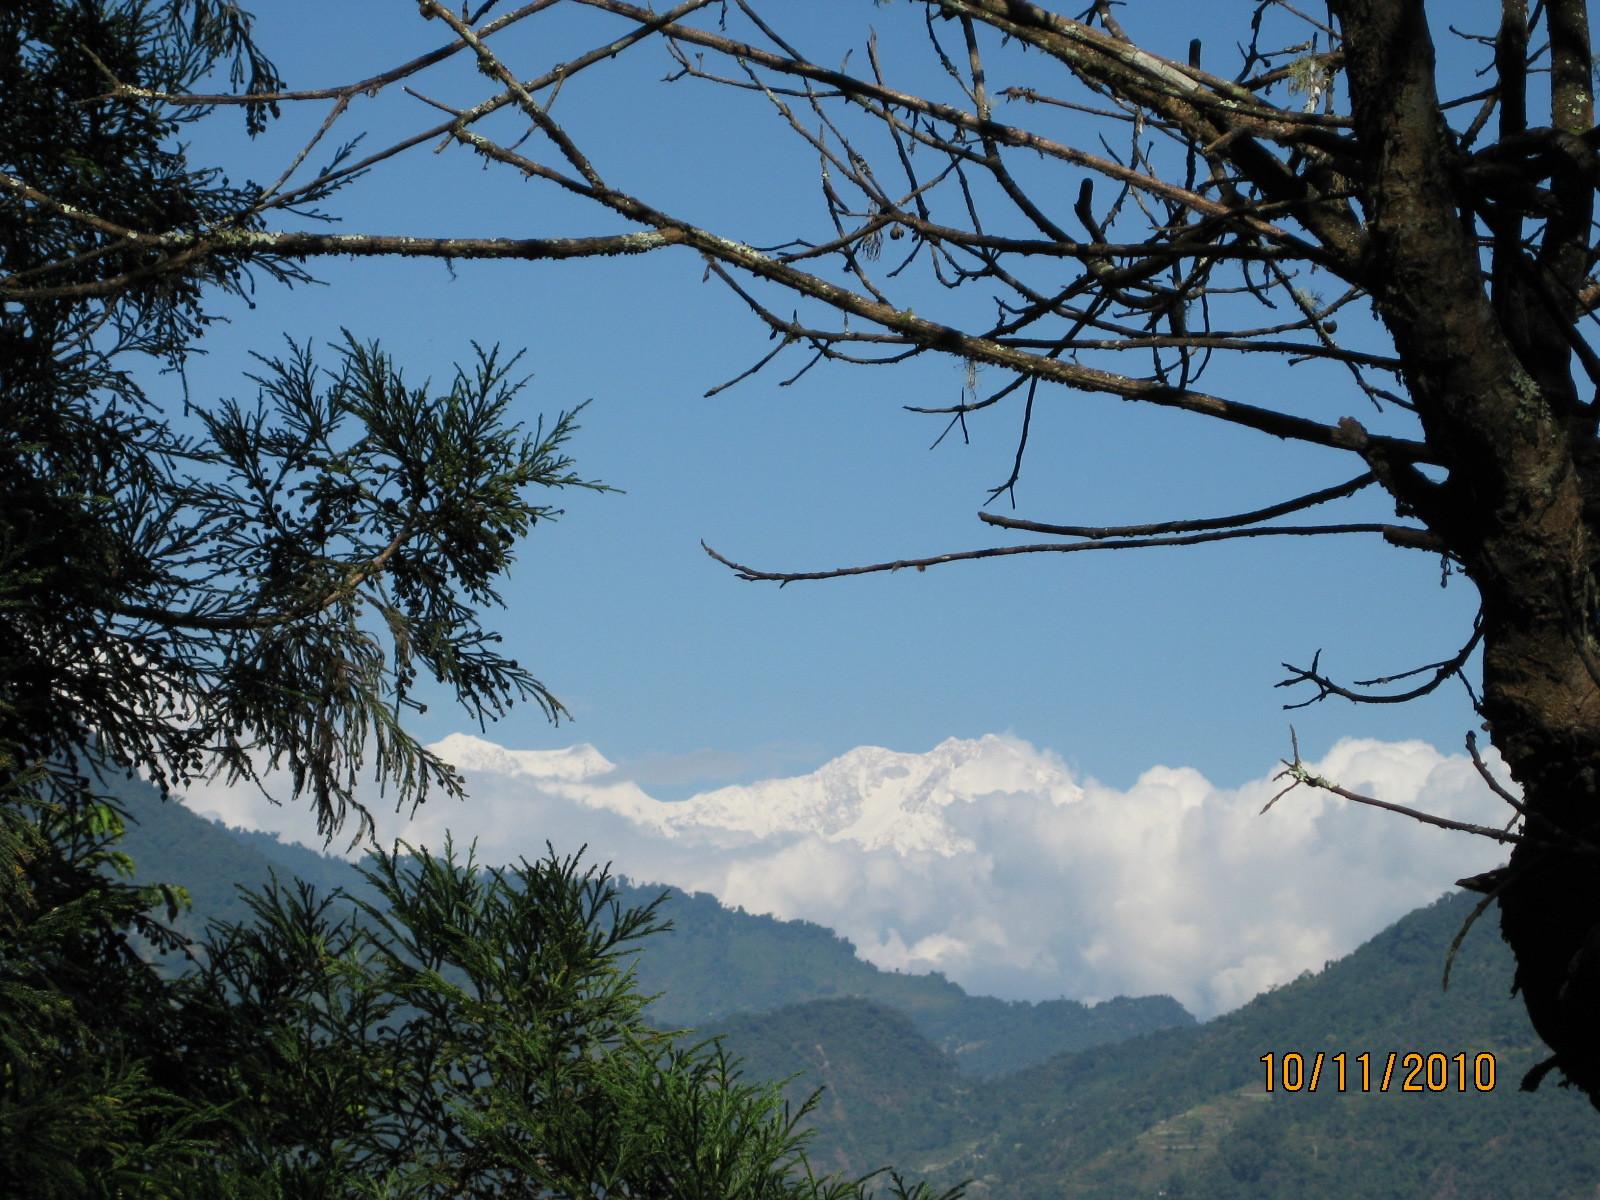 2010: Kanchenjunga and Sikkim terrain